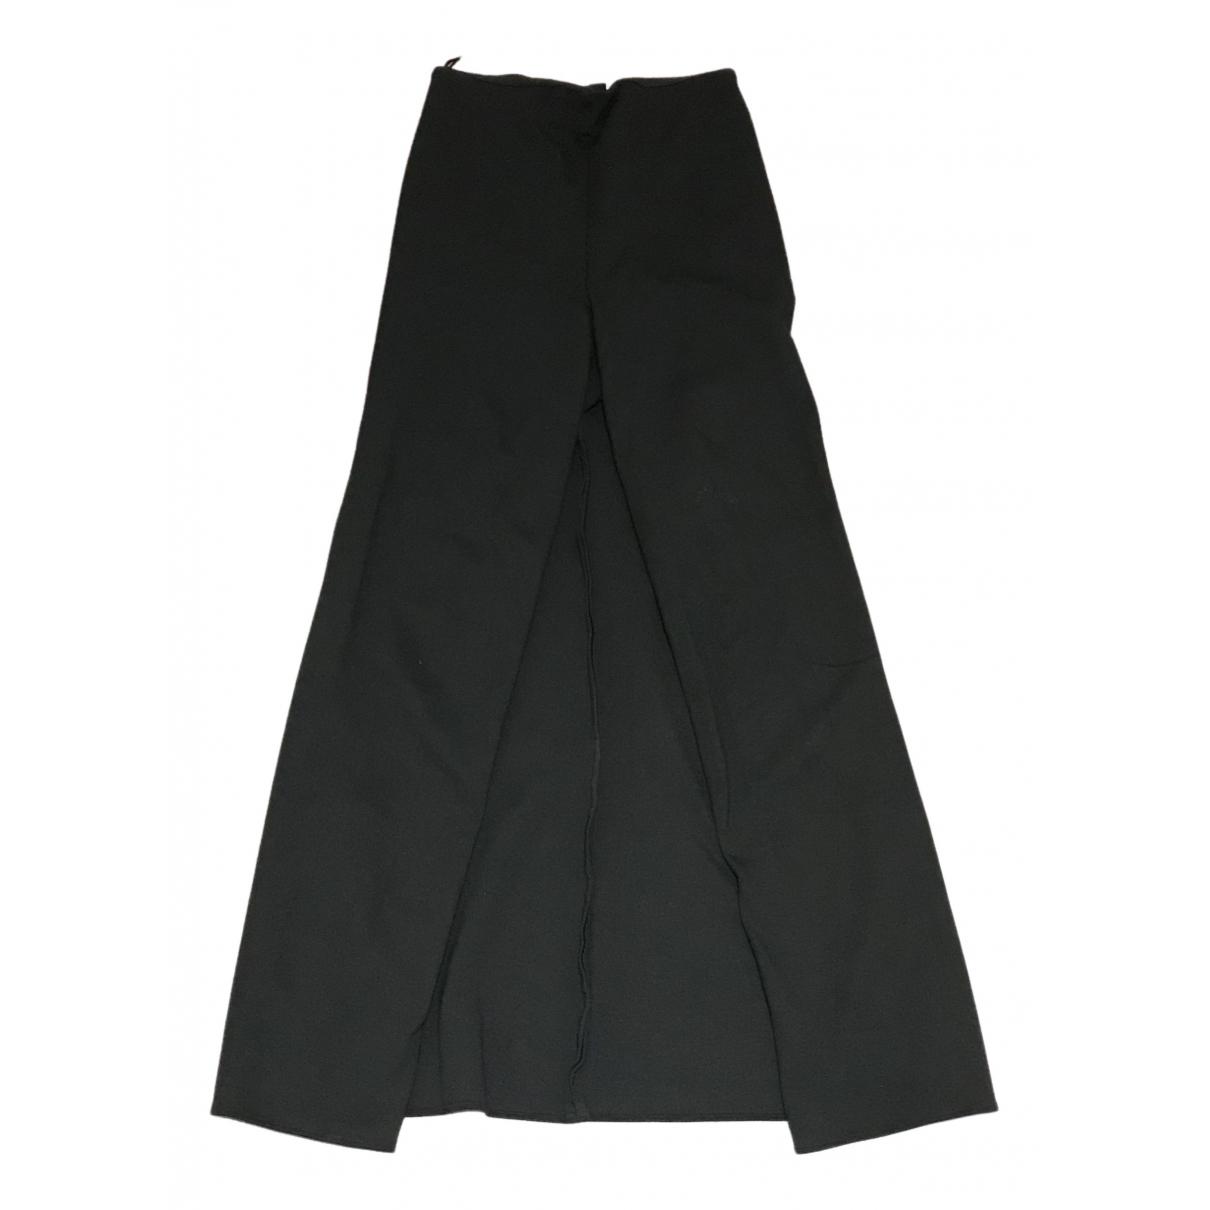 Pantalon en Viscosa Negro Maison Martin Margiela